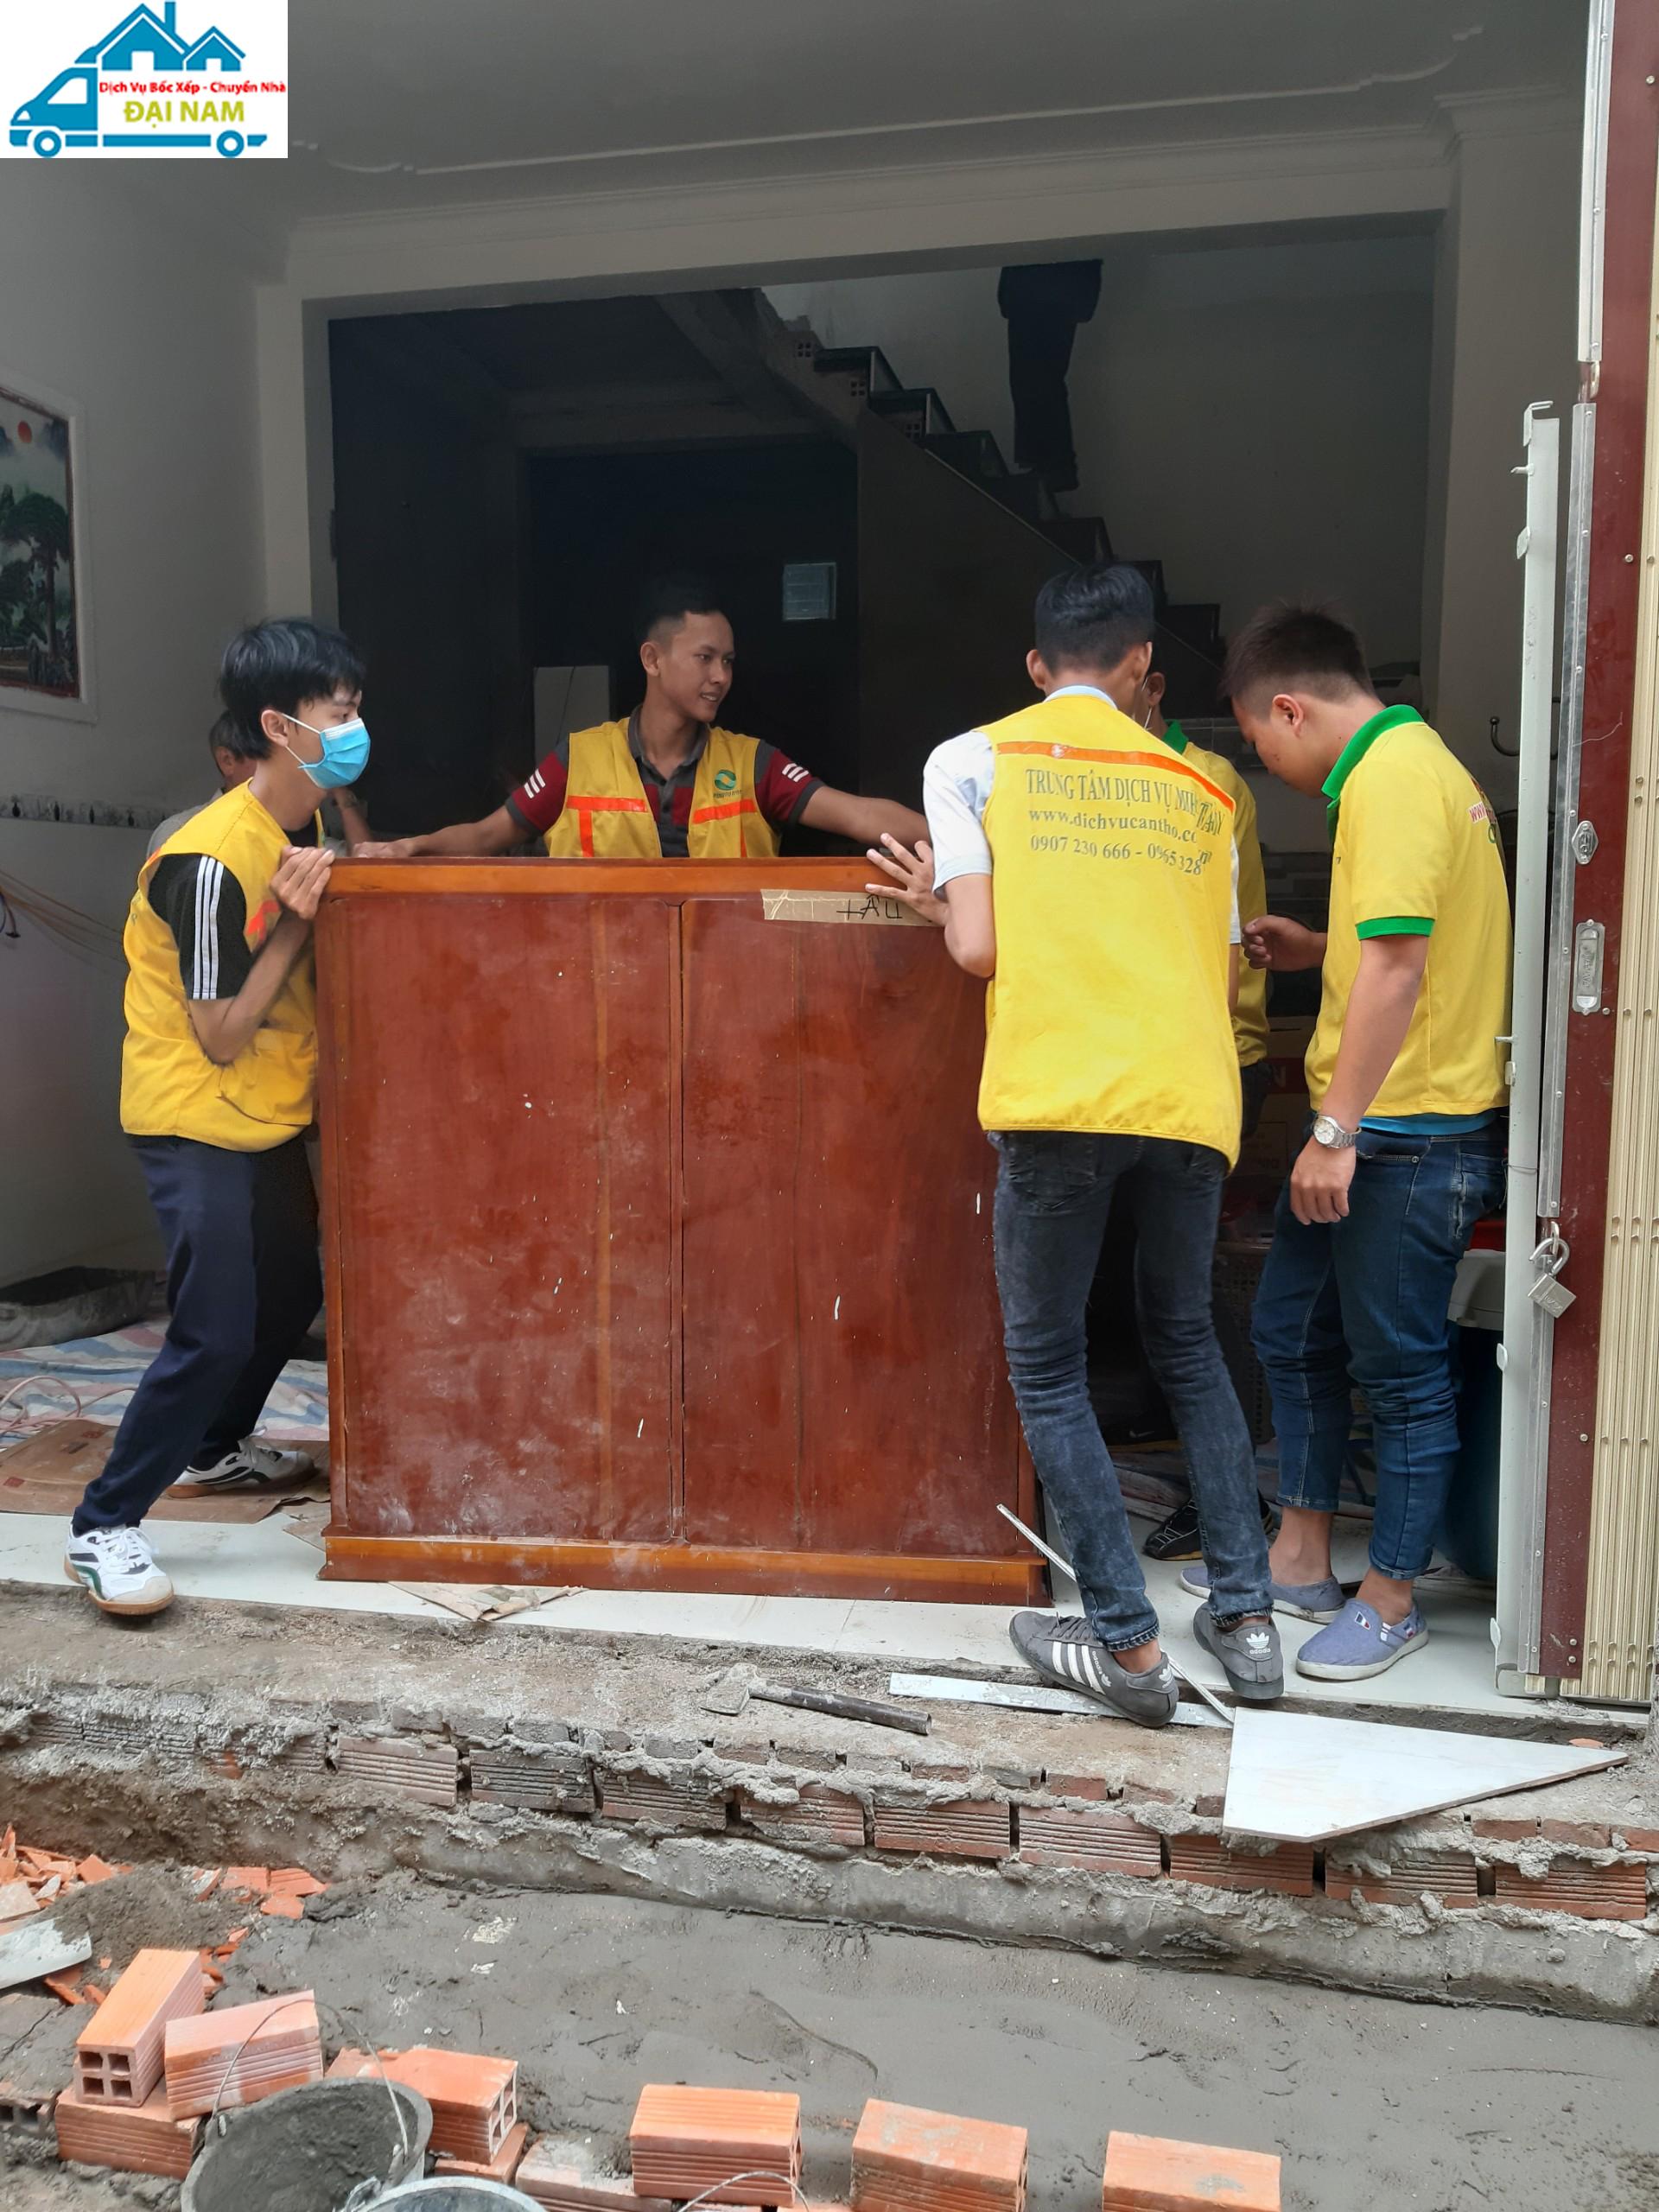 Công ty bốc xếp hàng hóa quận Tân Bình uy tín, chuyên nghiệp tại TP.HCM